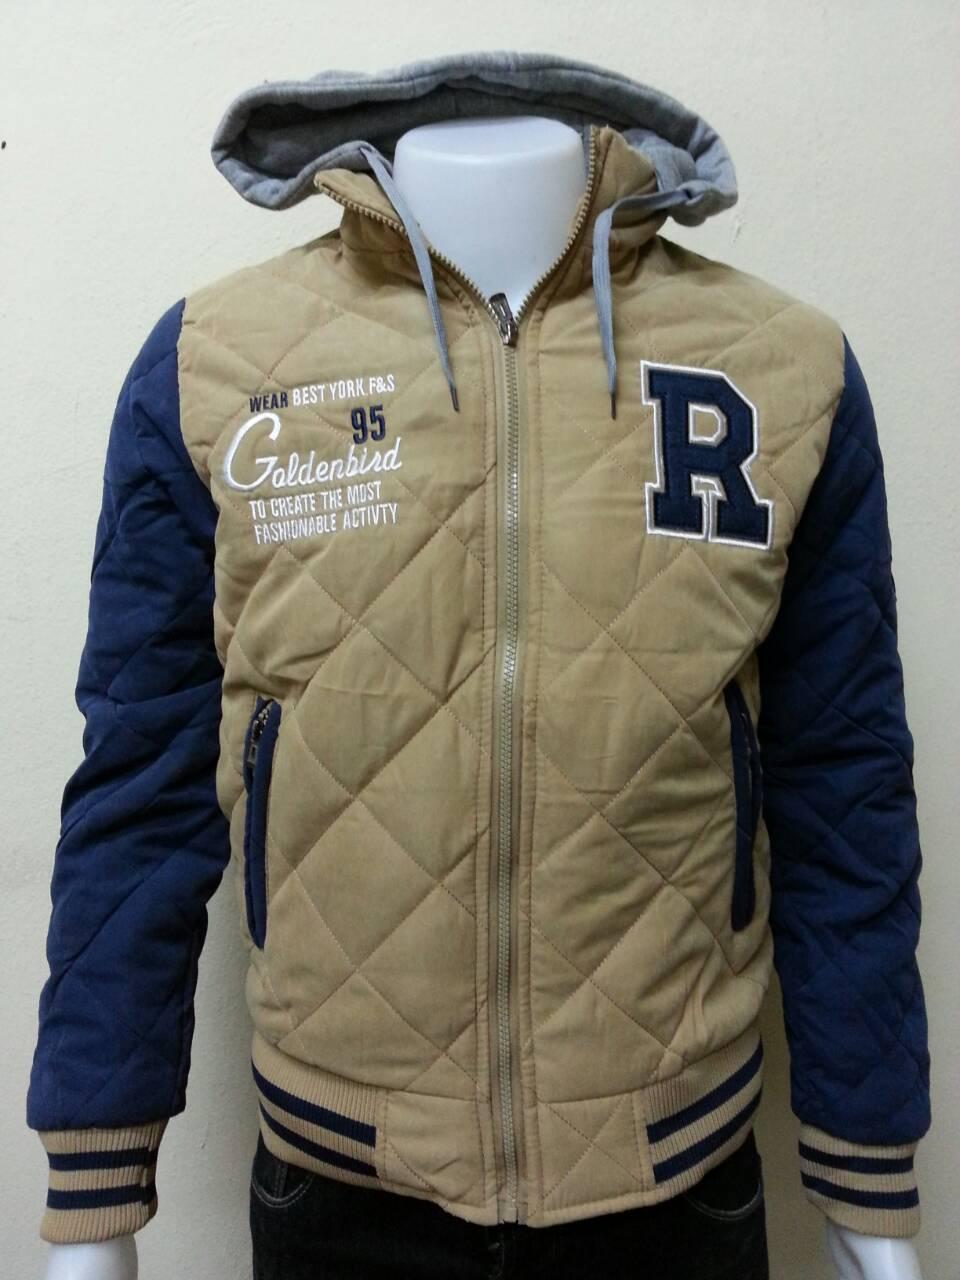 เสื้อแจ็คเก็ตกันหนาว มีฮู้ดสุดเท่ห์ แนววัยรุ่น สีครีมแขนสลับสีกรม